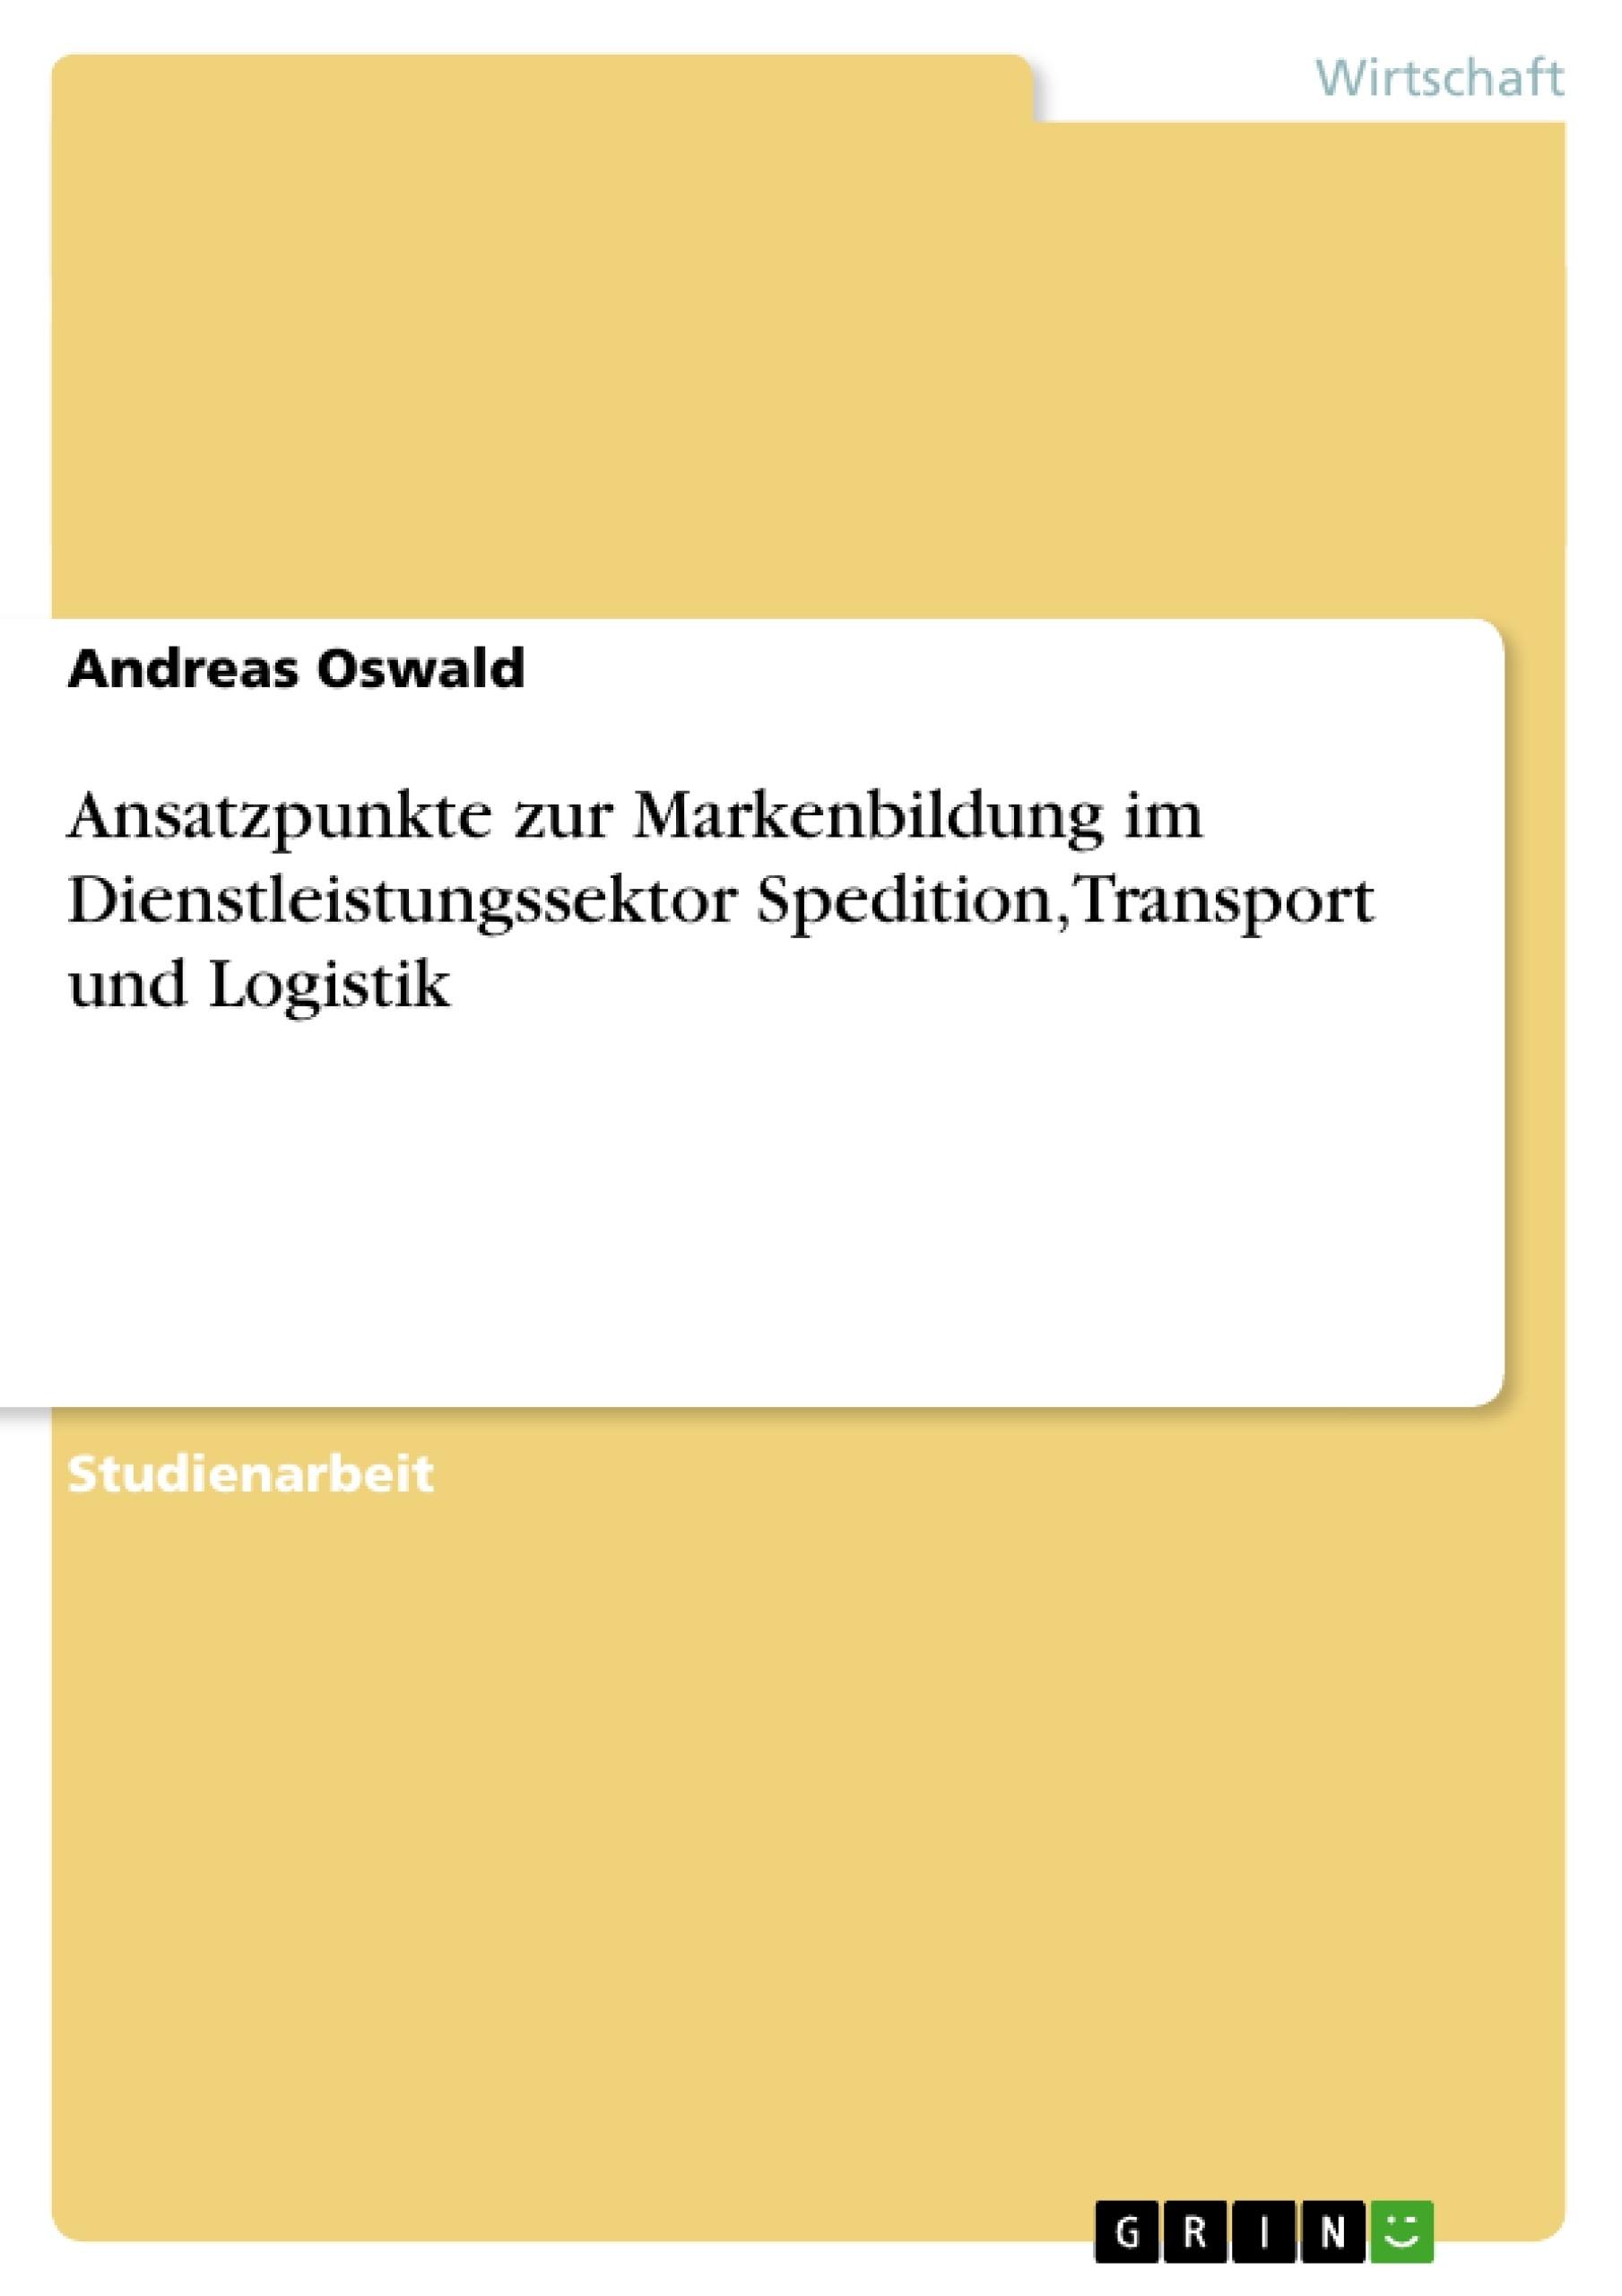 Titel: Ansatzpunkte zur Markenbildung im Dienstleistungssektor Spedition,Transport und Logistik